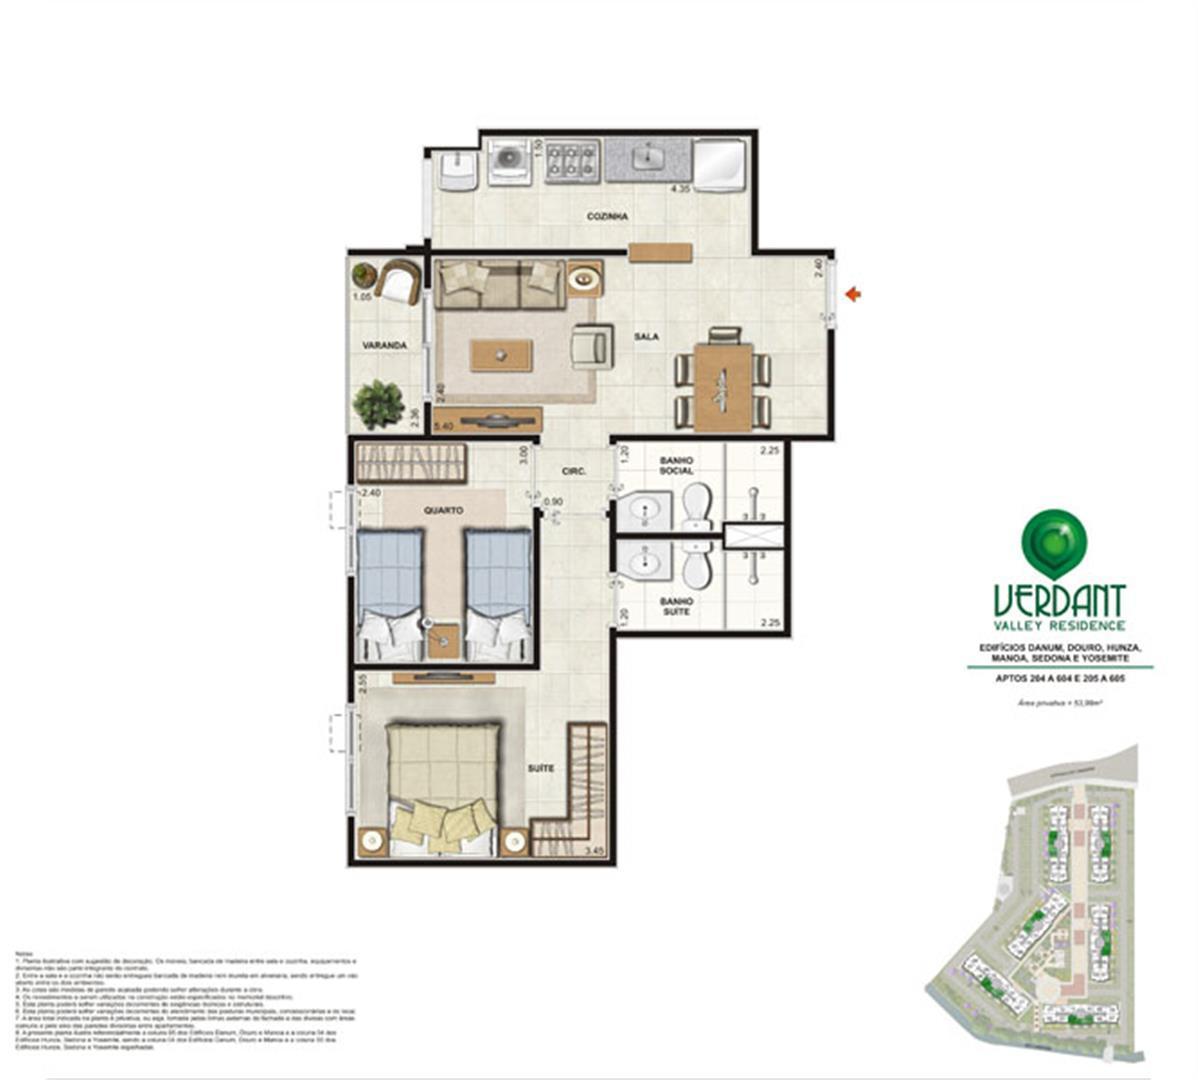 2 Quartos com suíte - 53,98m² - Aptos 204 a 604 e 205 a 605 - Edifícios Danum, Douro, Hunza, Manoa, Sedona e Yosemite